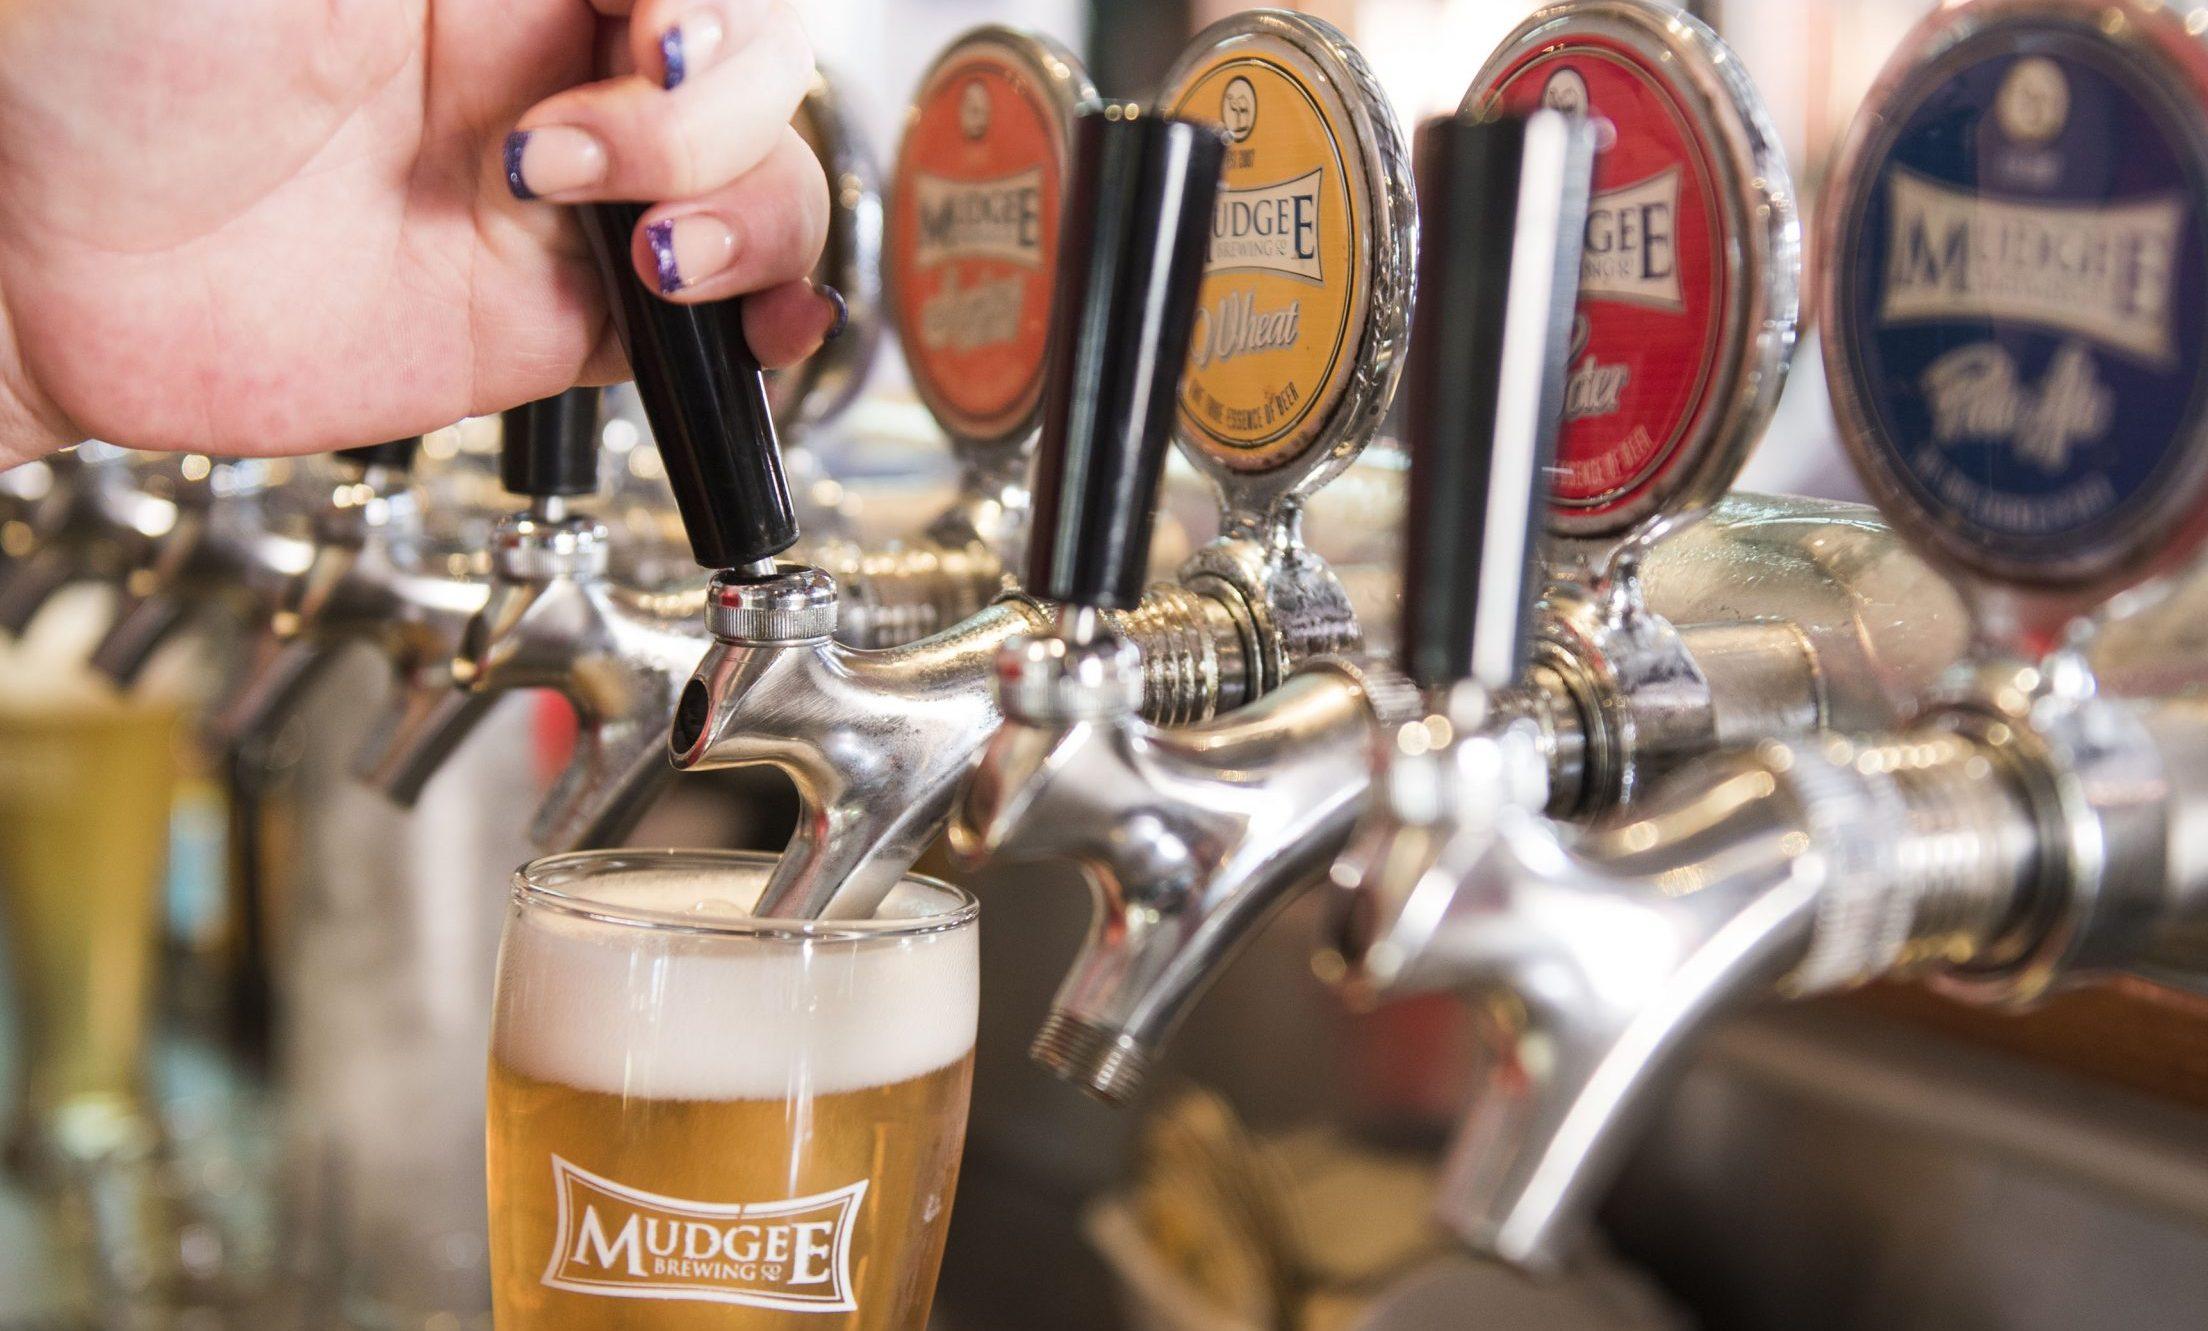 Mudgee Brewing Co - Mudgee Region